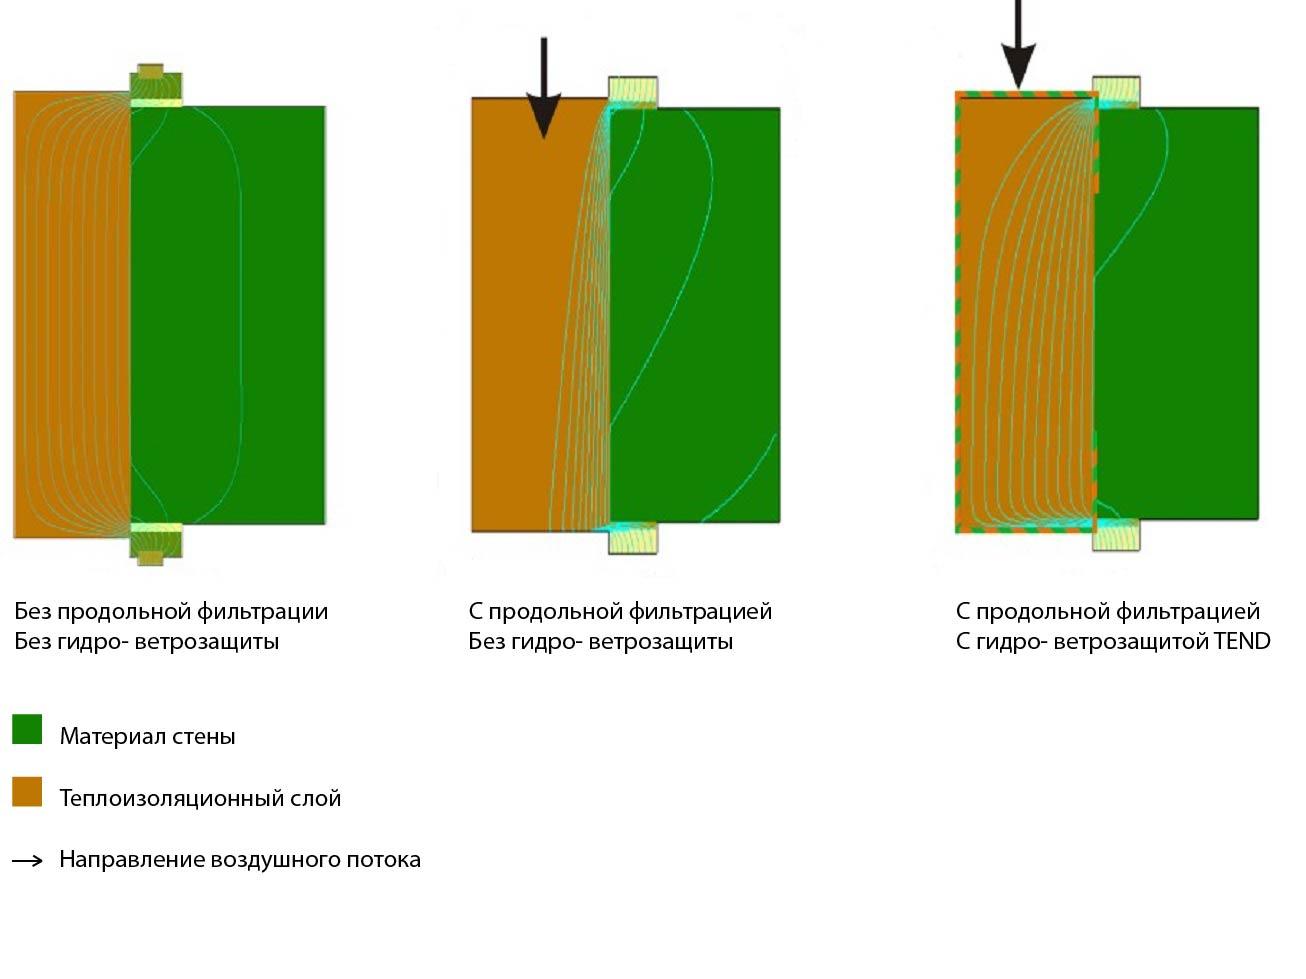 Ткань TEND КМ-0 обеспечивает высокое сопротивление воздухопроницанию